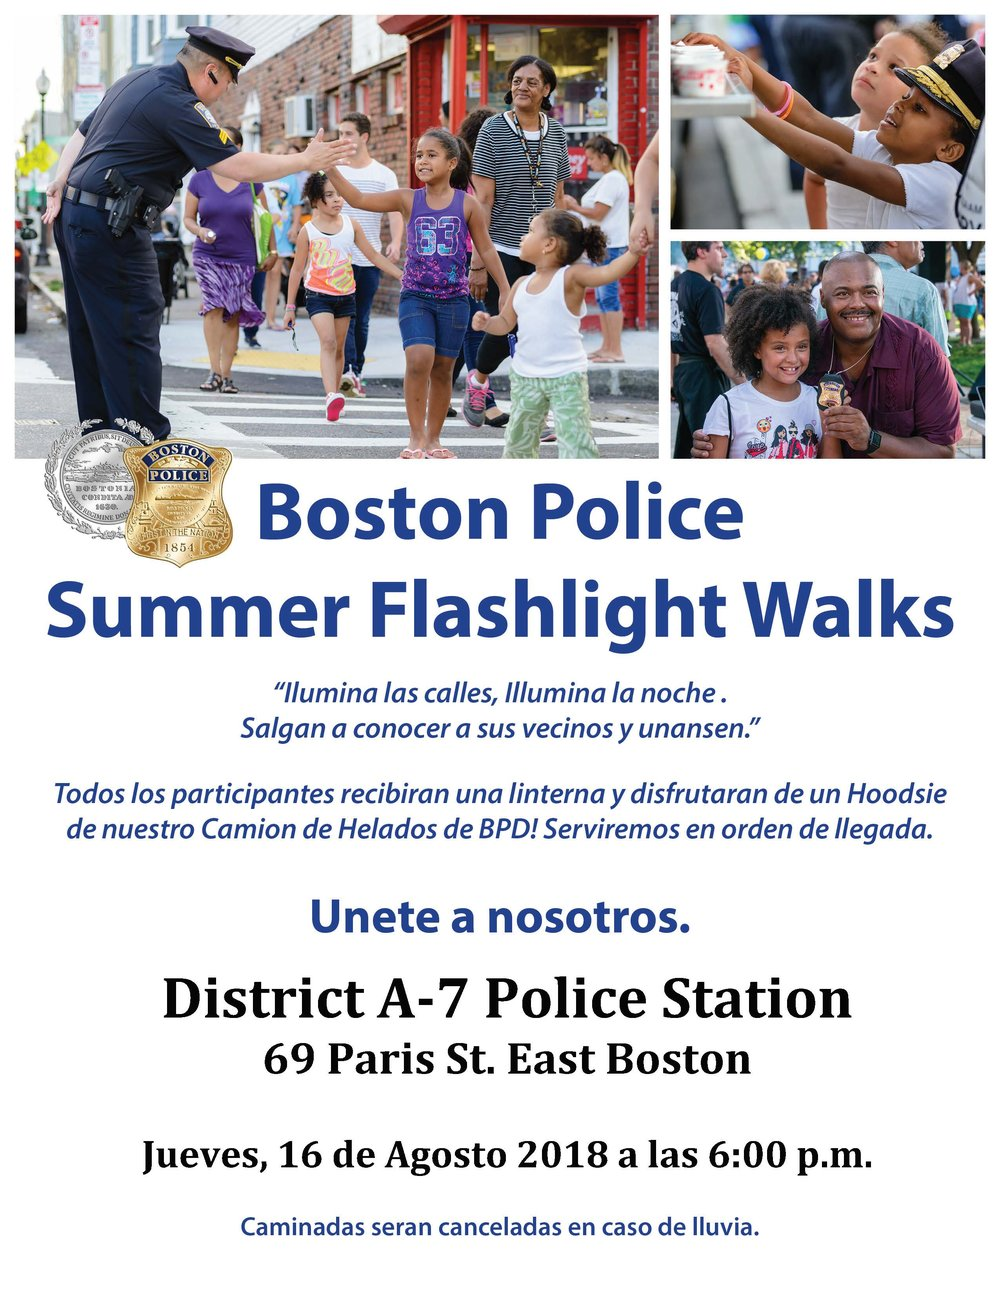 BPD en la Comunidad: Esperamos Verte Mañana en Boston Police Summer Linterna Walk en East Boston